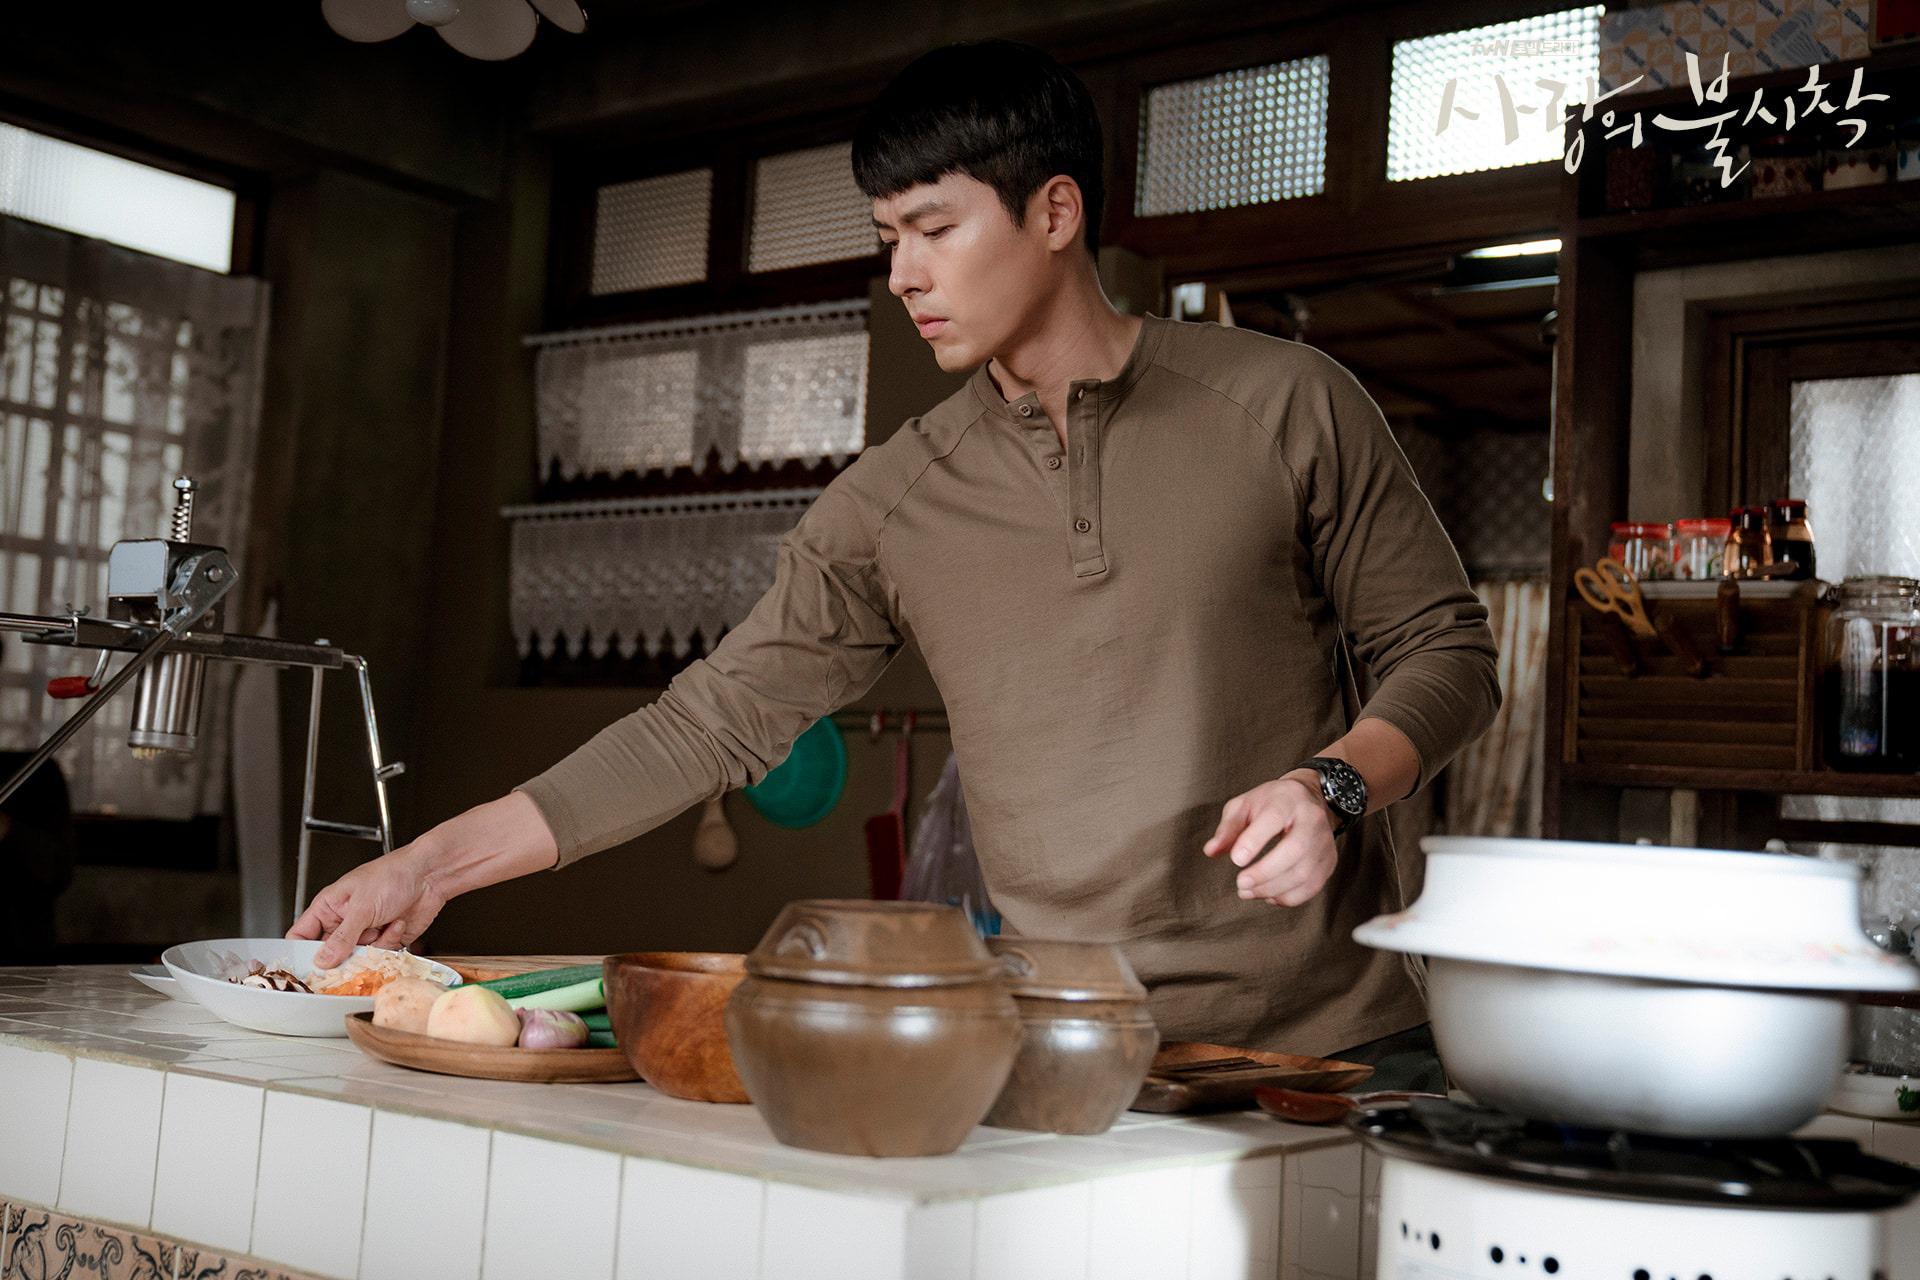 Anh quân nhân Hyun Bin: Bình thường lên đồ cũng vài chục triệu, tự nhiên lọt đâu chiếc sơ mi chỉ vài trăm mà vẫn chuẩn soái ca khiến chị em loạn nhịp - Ảnh 1.